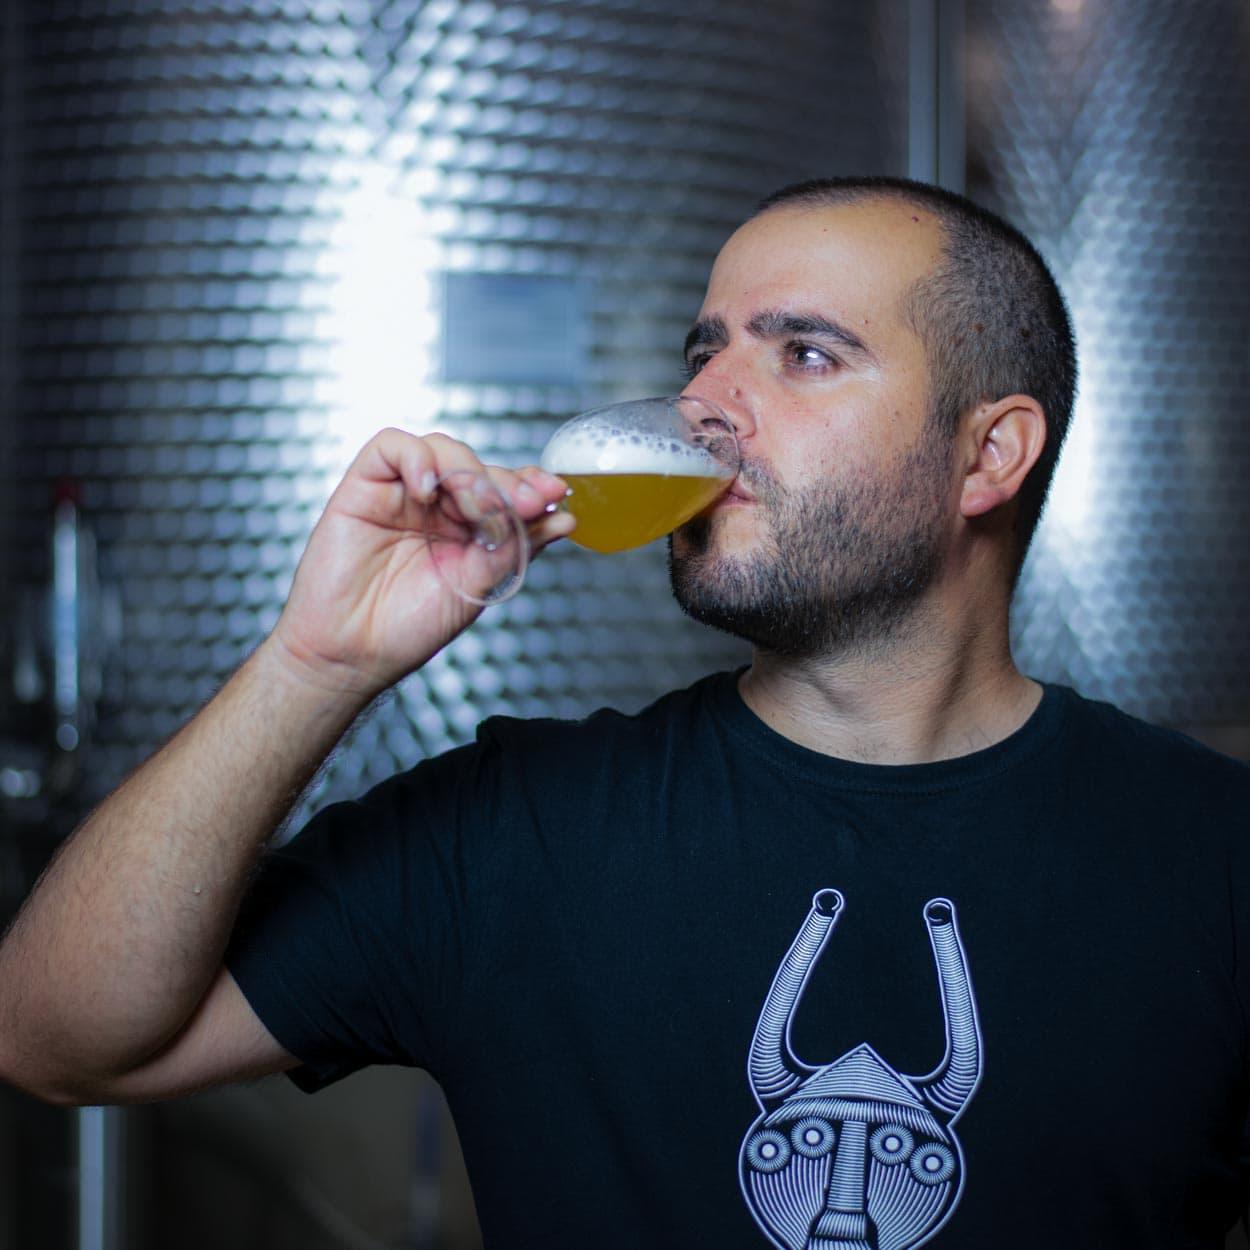 https://www.birrificiomarduk.com/wp-content/uploads/2020/07/19a_Mauro_Marduk_brewery_birrificio_agricolo_guarda_oltre_birre_Irgoli_Sardegna.jpg